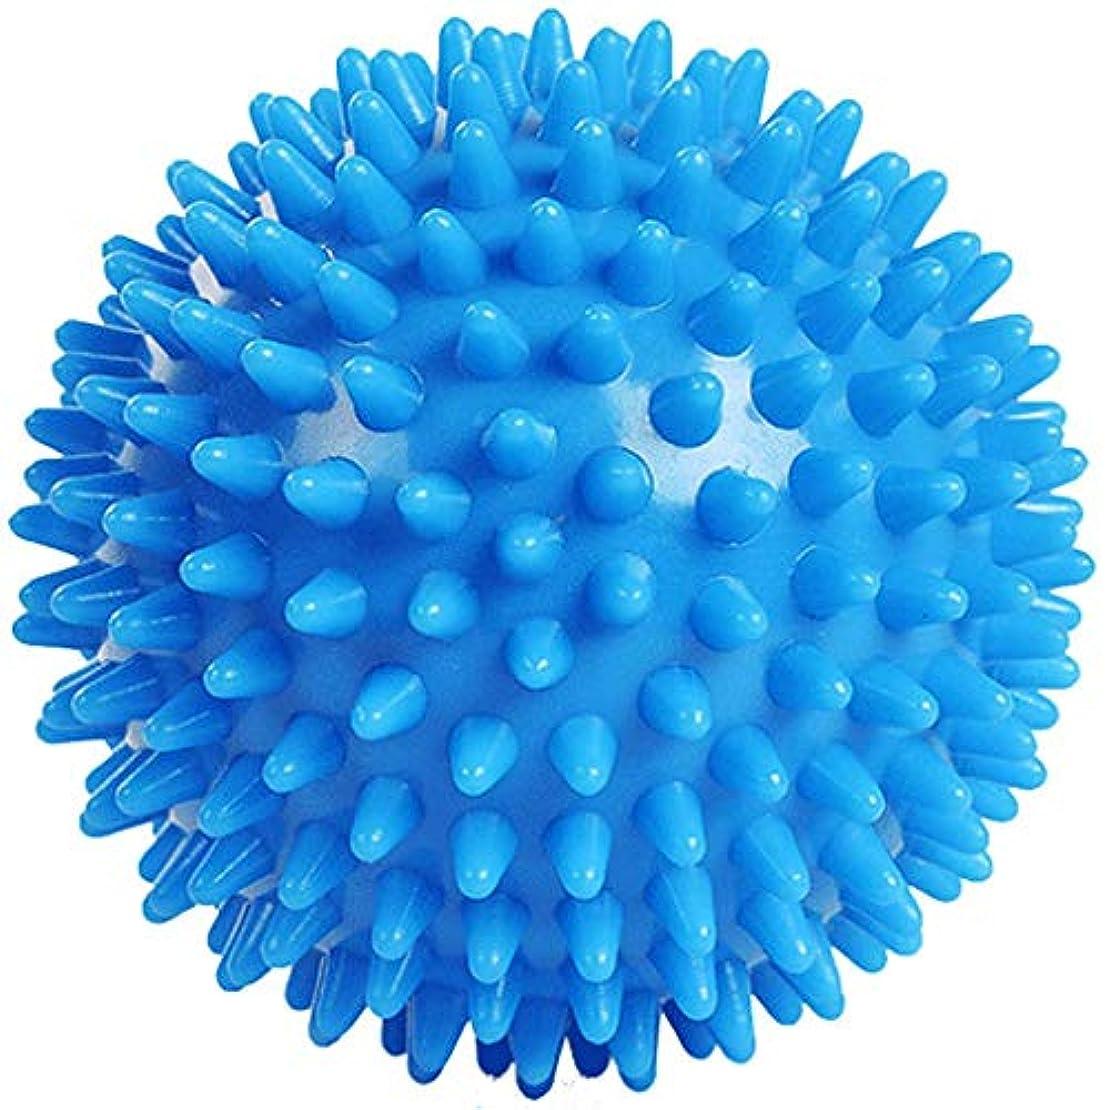 変動する解釈する最終的にKOROWA リフレックスボール 触覚ボール 足裏手 背中のマッサージボール リハビリ マッサージ用 血液循環促進 筋肉緊張 圧迫で解きほぐす